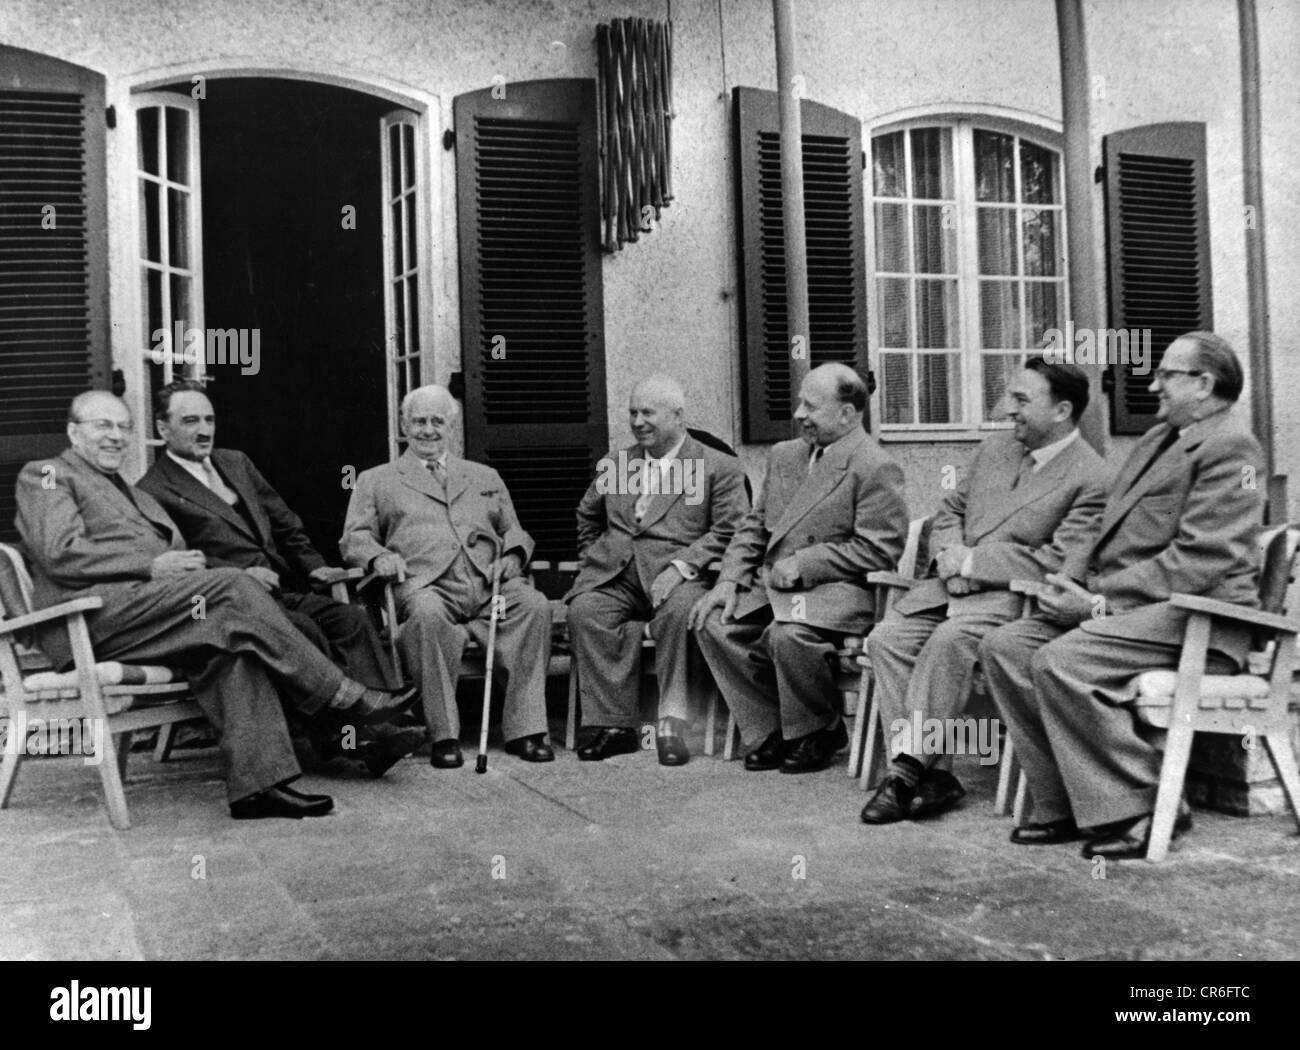 Khrushchev, Nikita Sergeyevich, 17.4.1894 - 11.9.1971, First Sekretary of CPSU 7.9.1953 - 14.10.1964, state visit - Stock Image